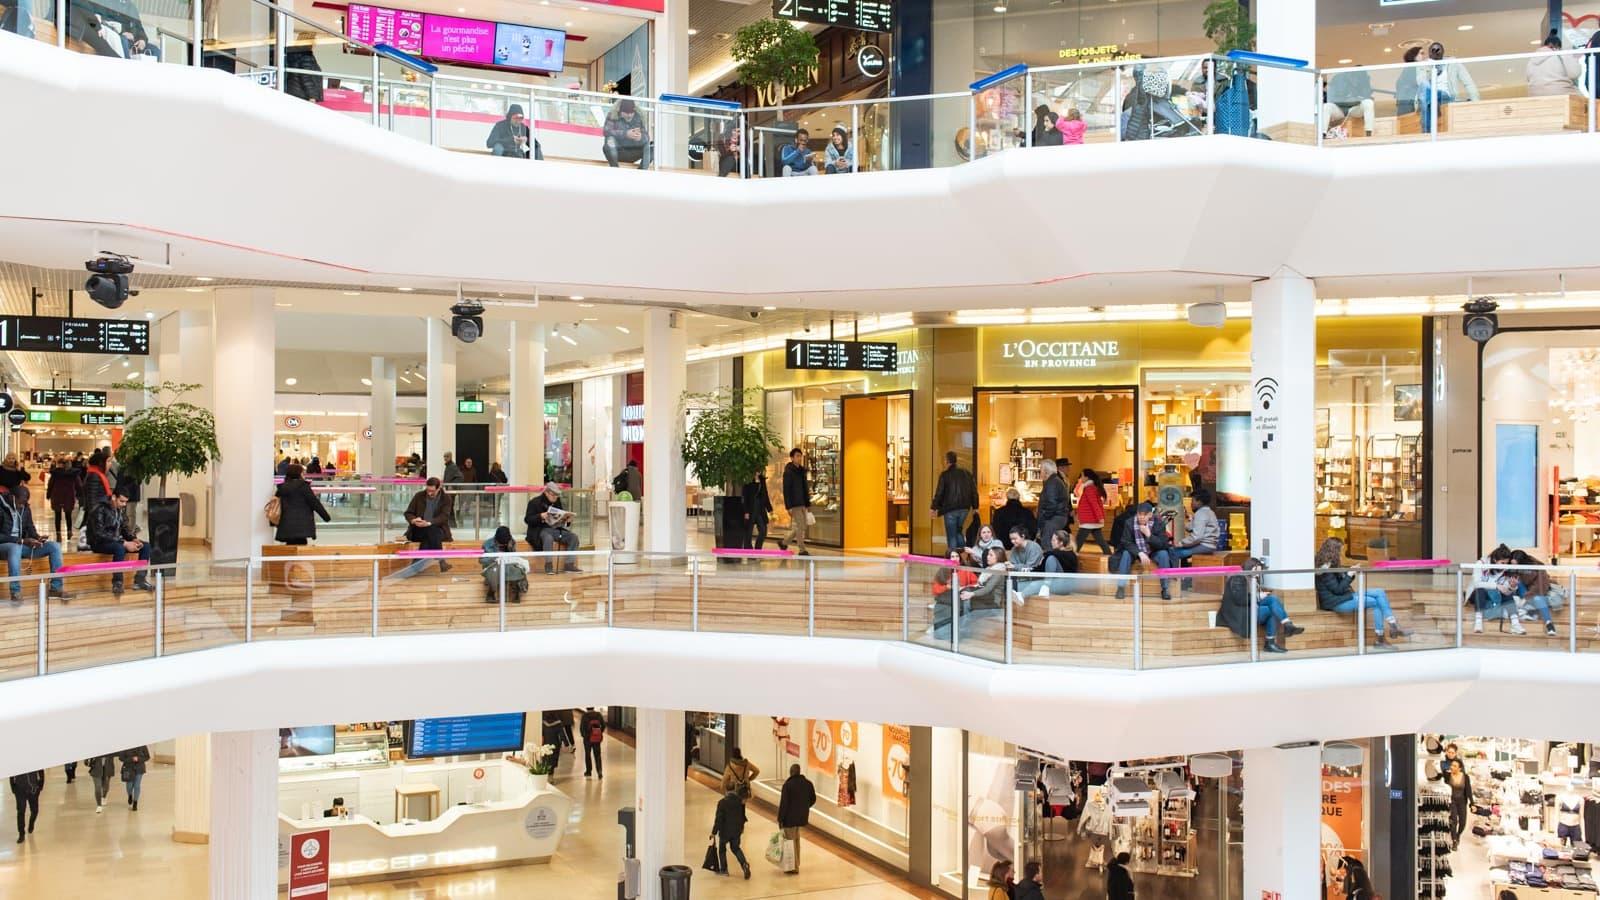 lyon la part dieu inaugure son extension ce samedi avec 40 nouvelles boutiques